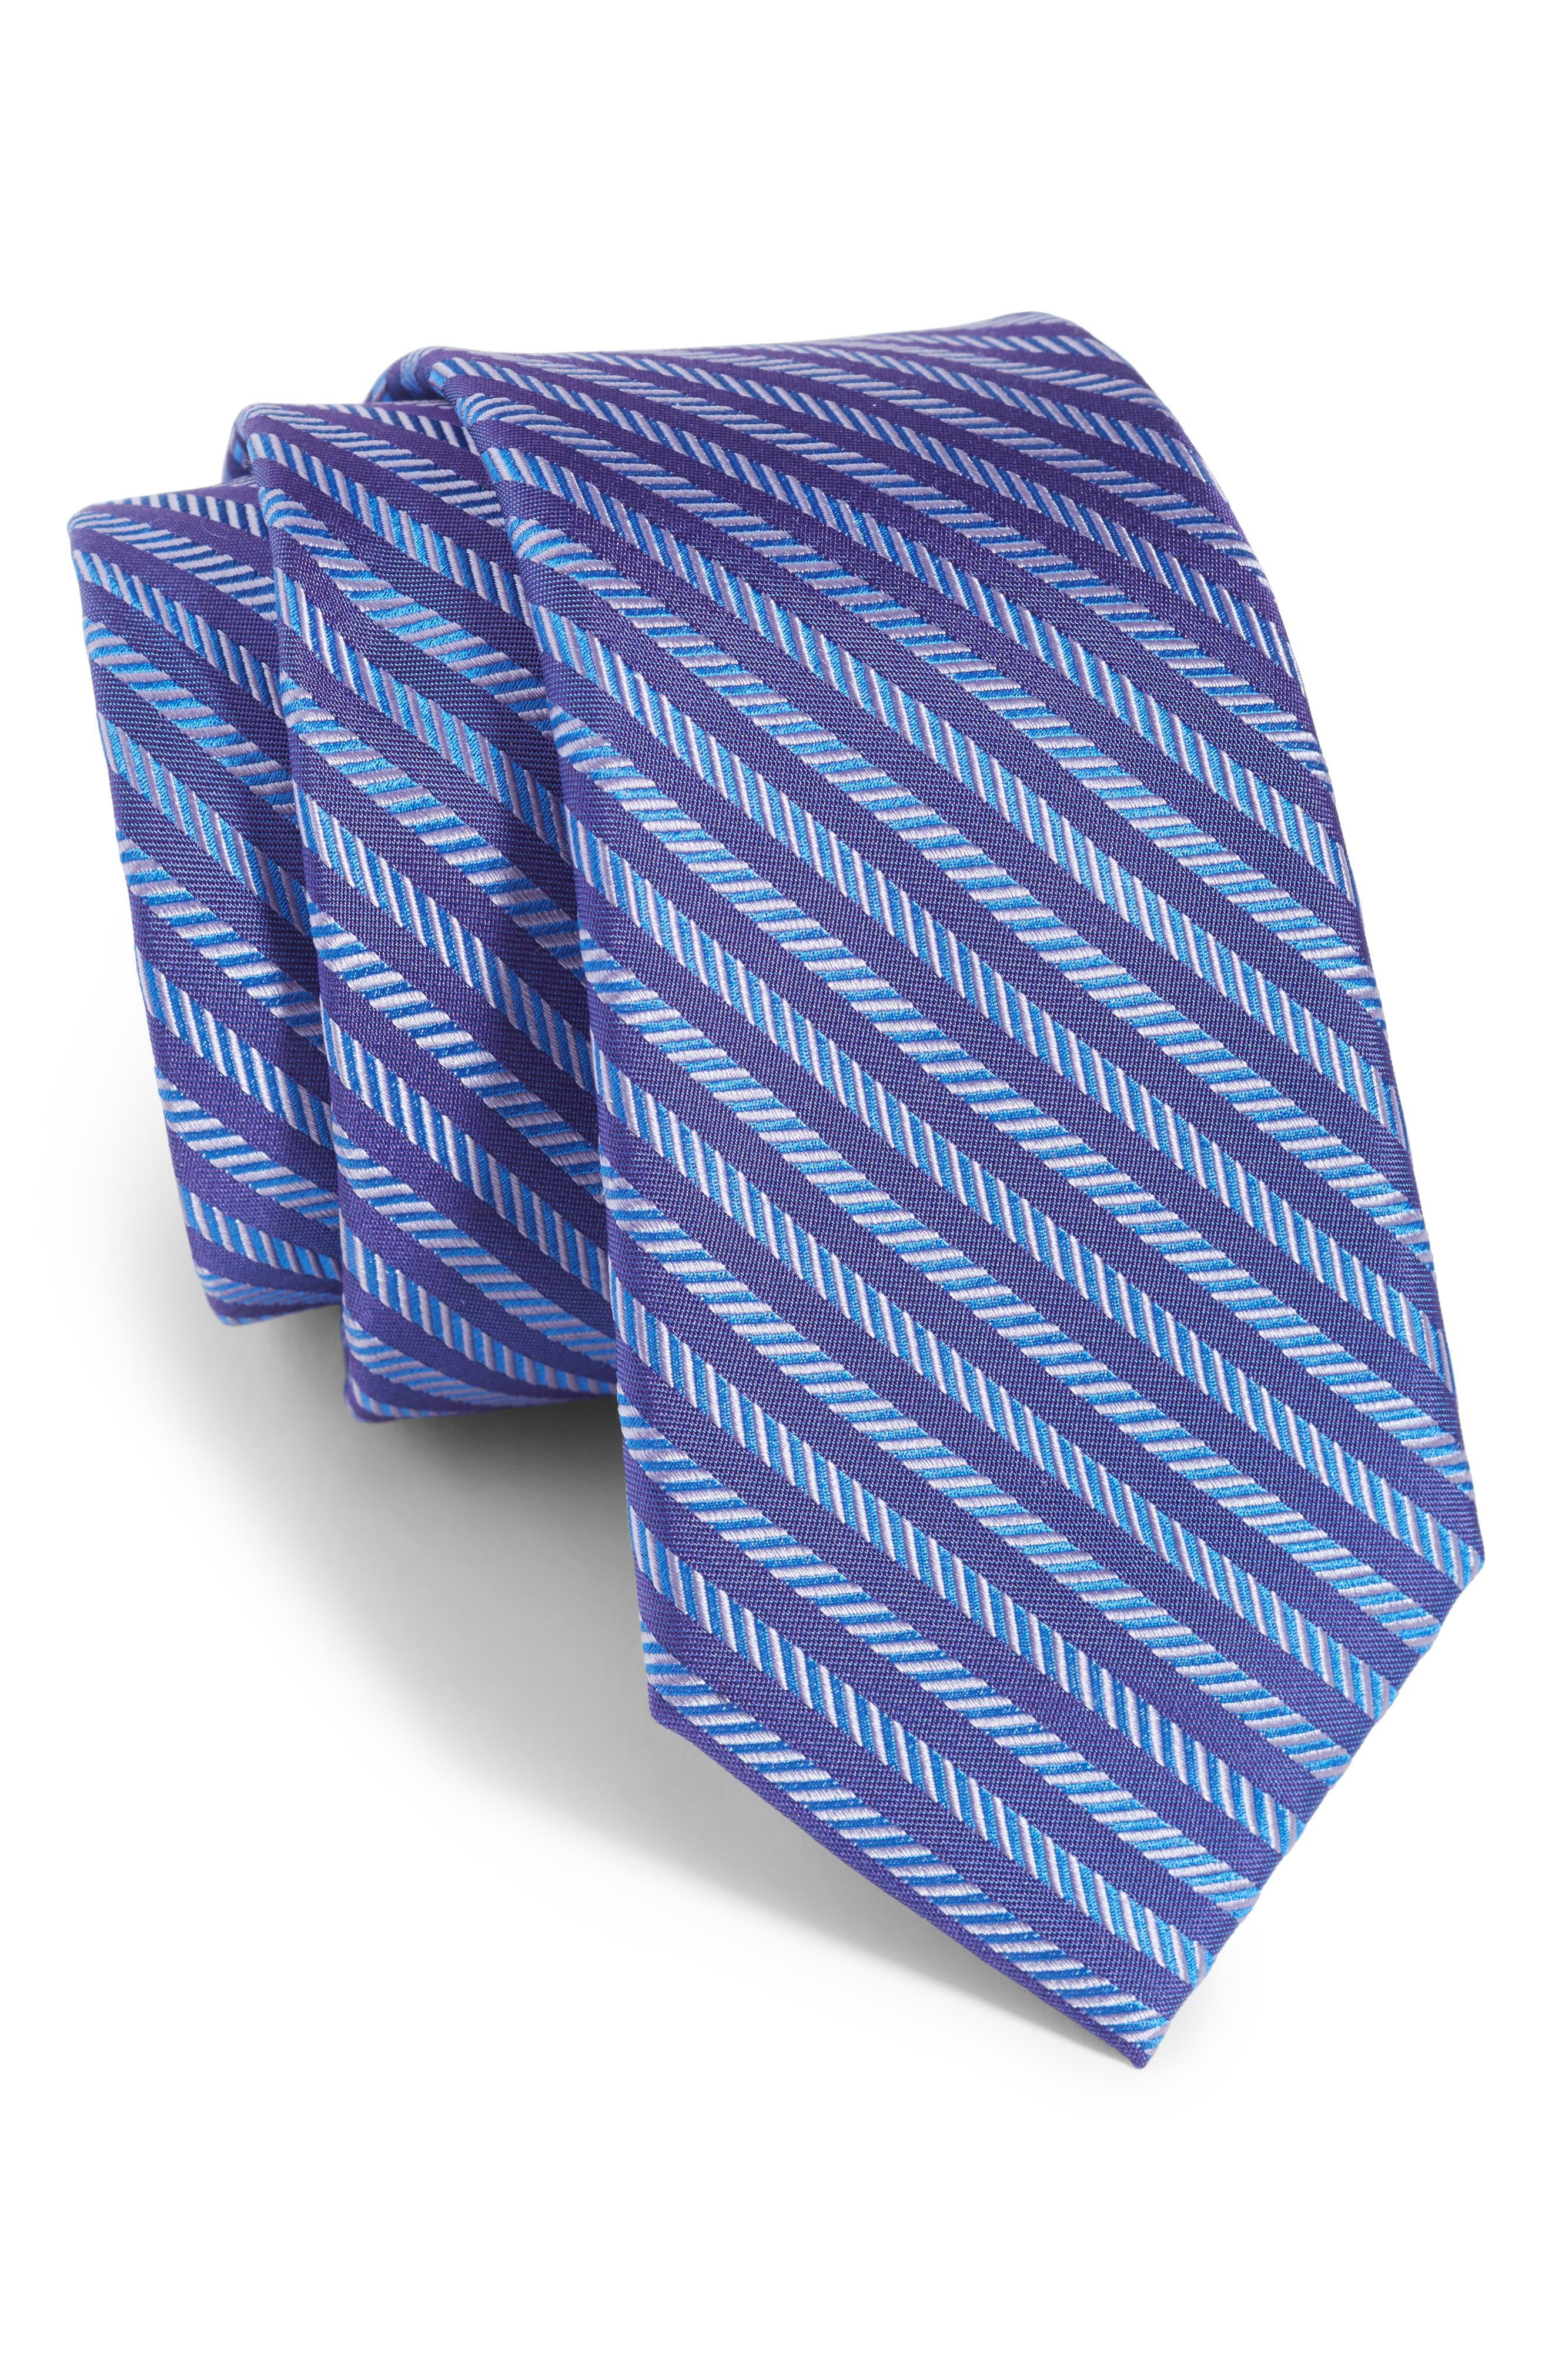 Alternate Image 1 Selected - Michael Kors Herringbone Stripe Silk Tie (Boys)